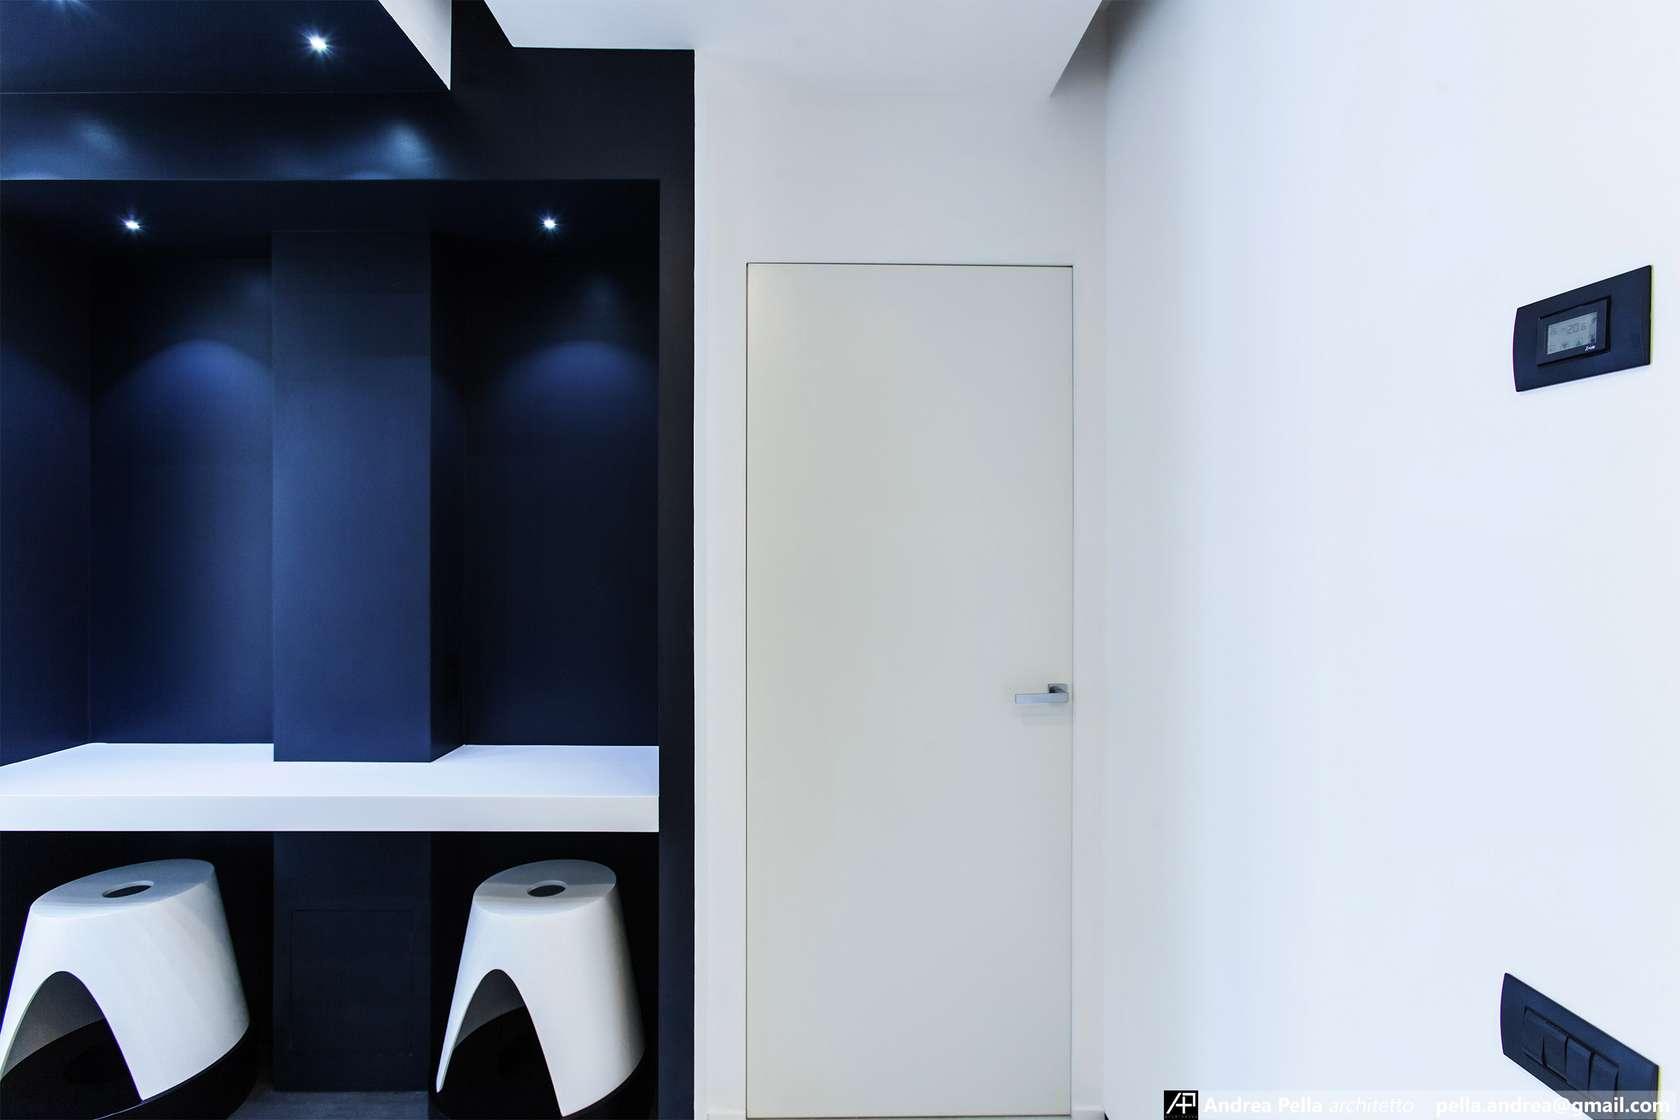 малък апартамент в минималистичен стил - 20